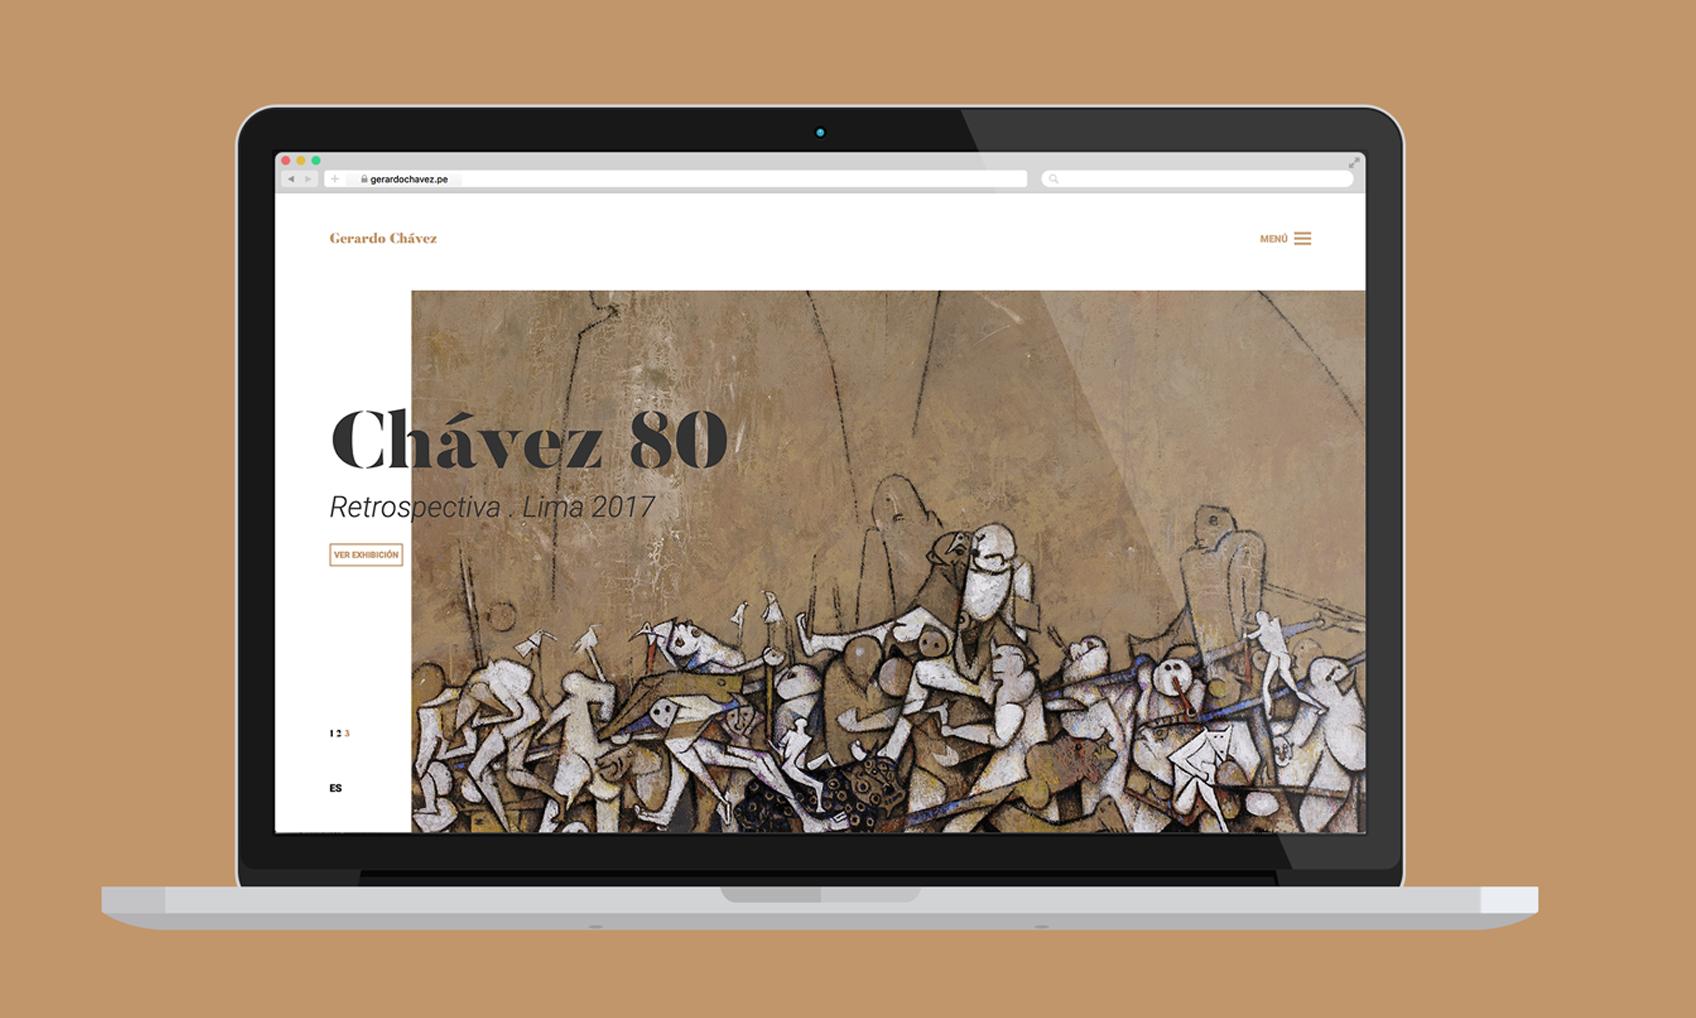 Gerardo Chávez - Una web para celebrar una vida